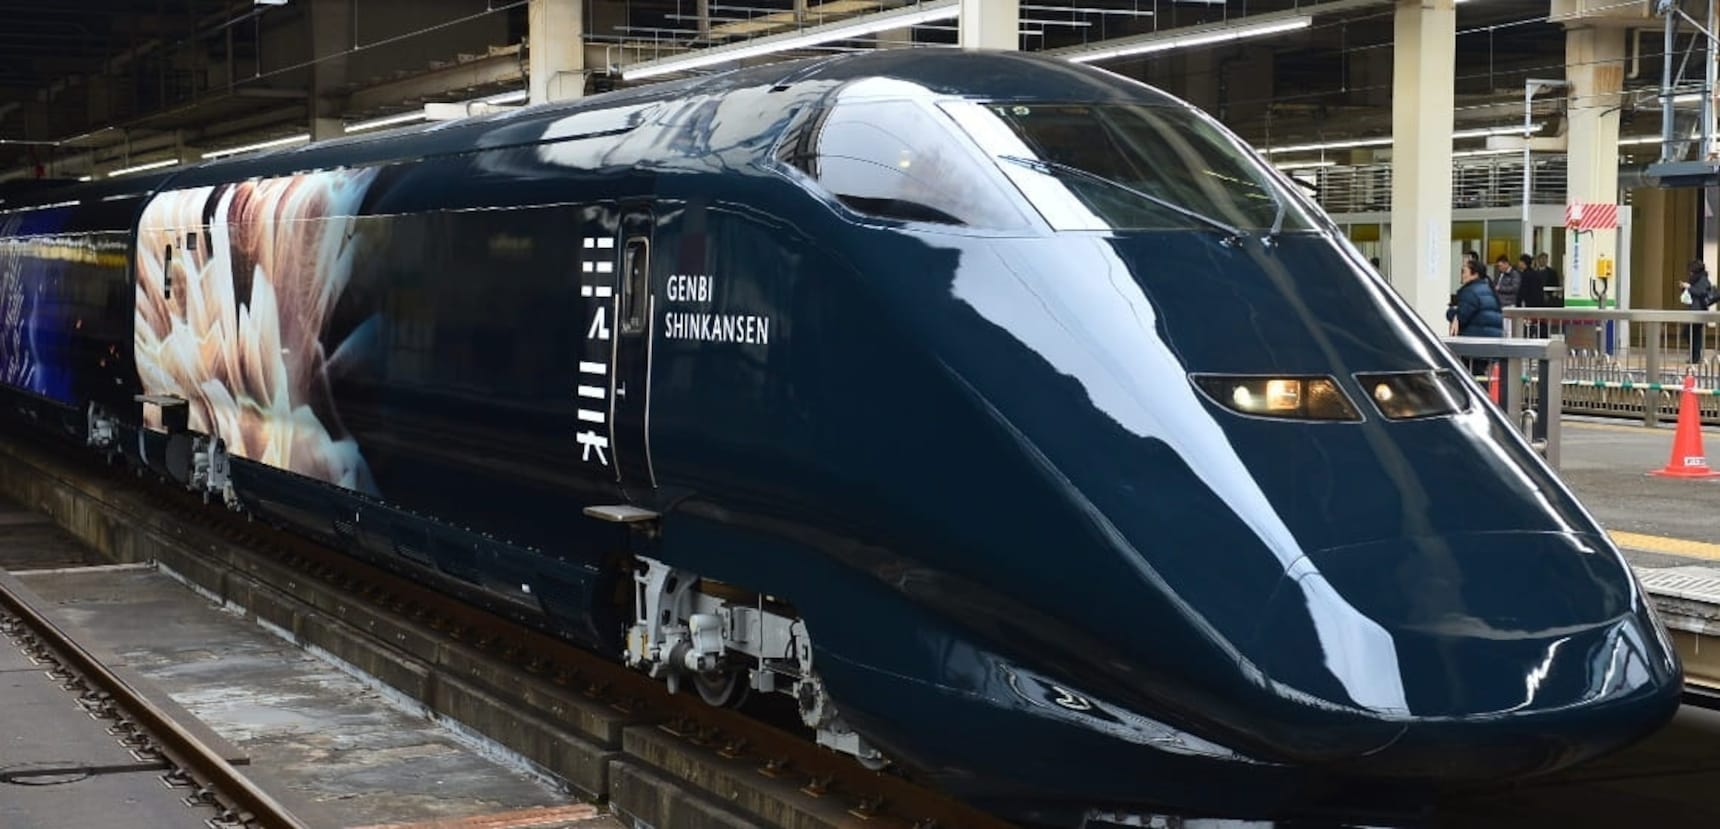 """日本新潟:一车一世界的视觉盛宴!移动的美术馆""""现美新干线""""上的文艺之旅"""